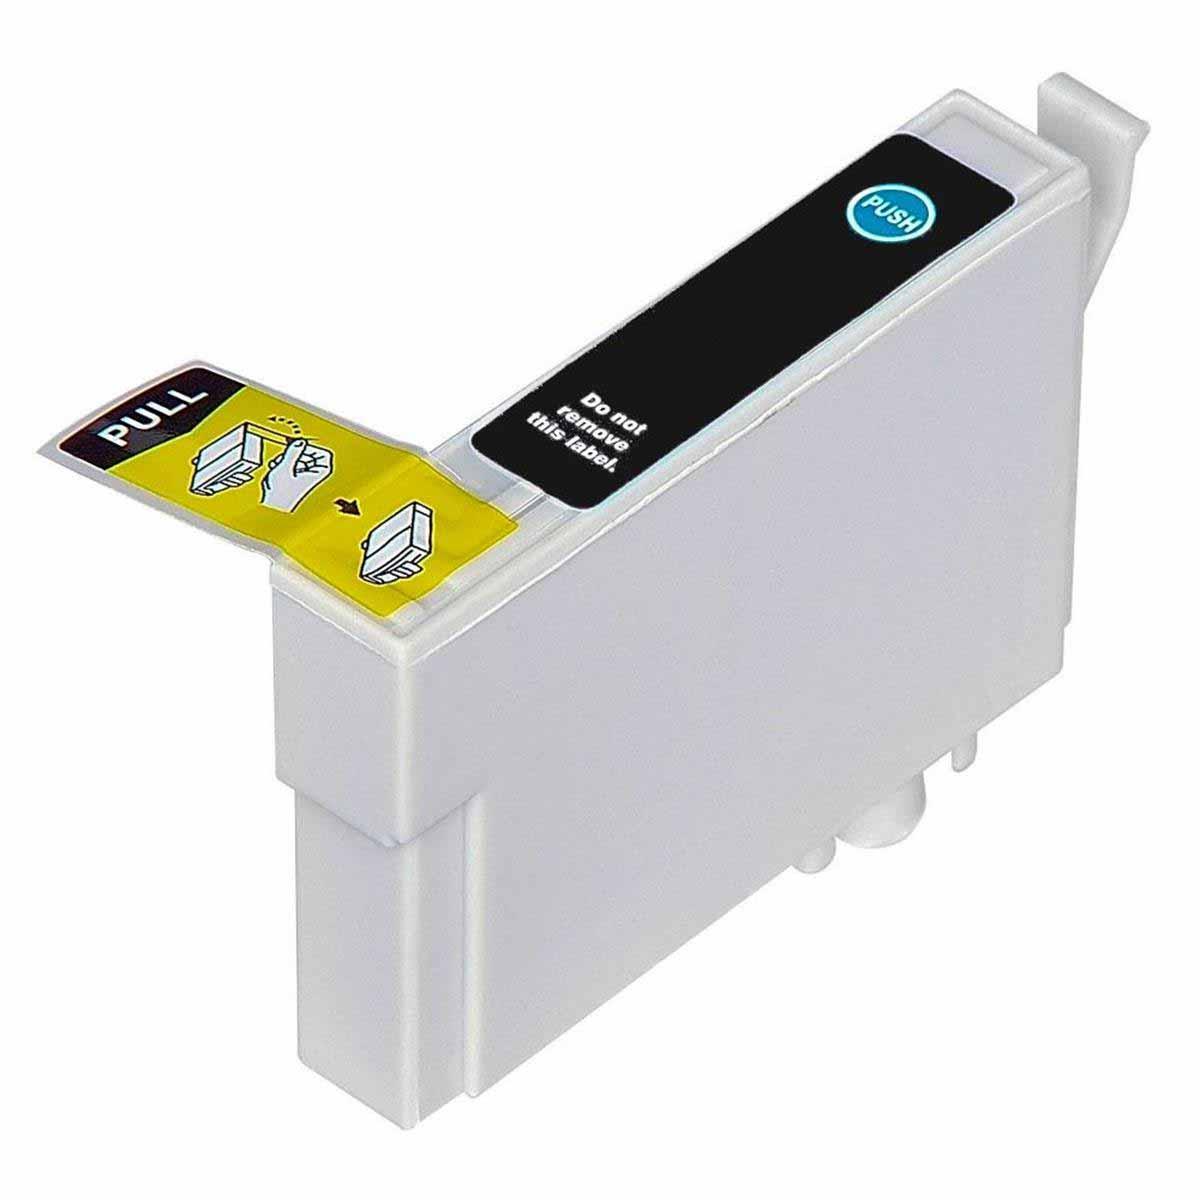 CARTUCHO EPSON T132120 T132 T1321 T22/TX120 BLACK (COMPATÍVEL)